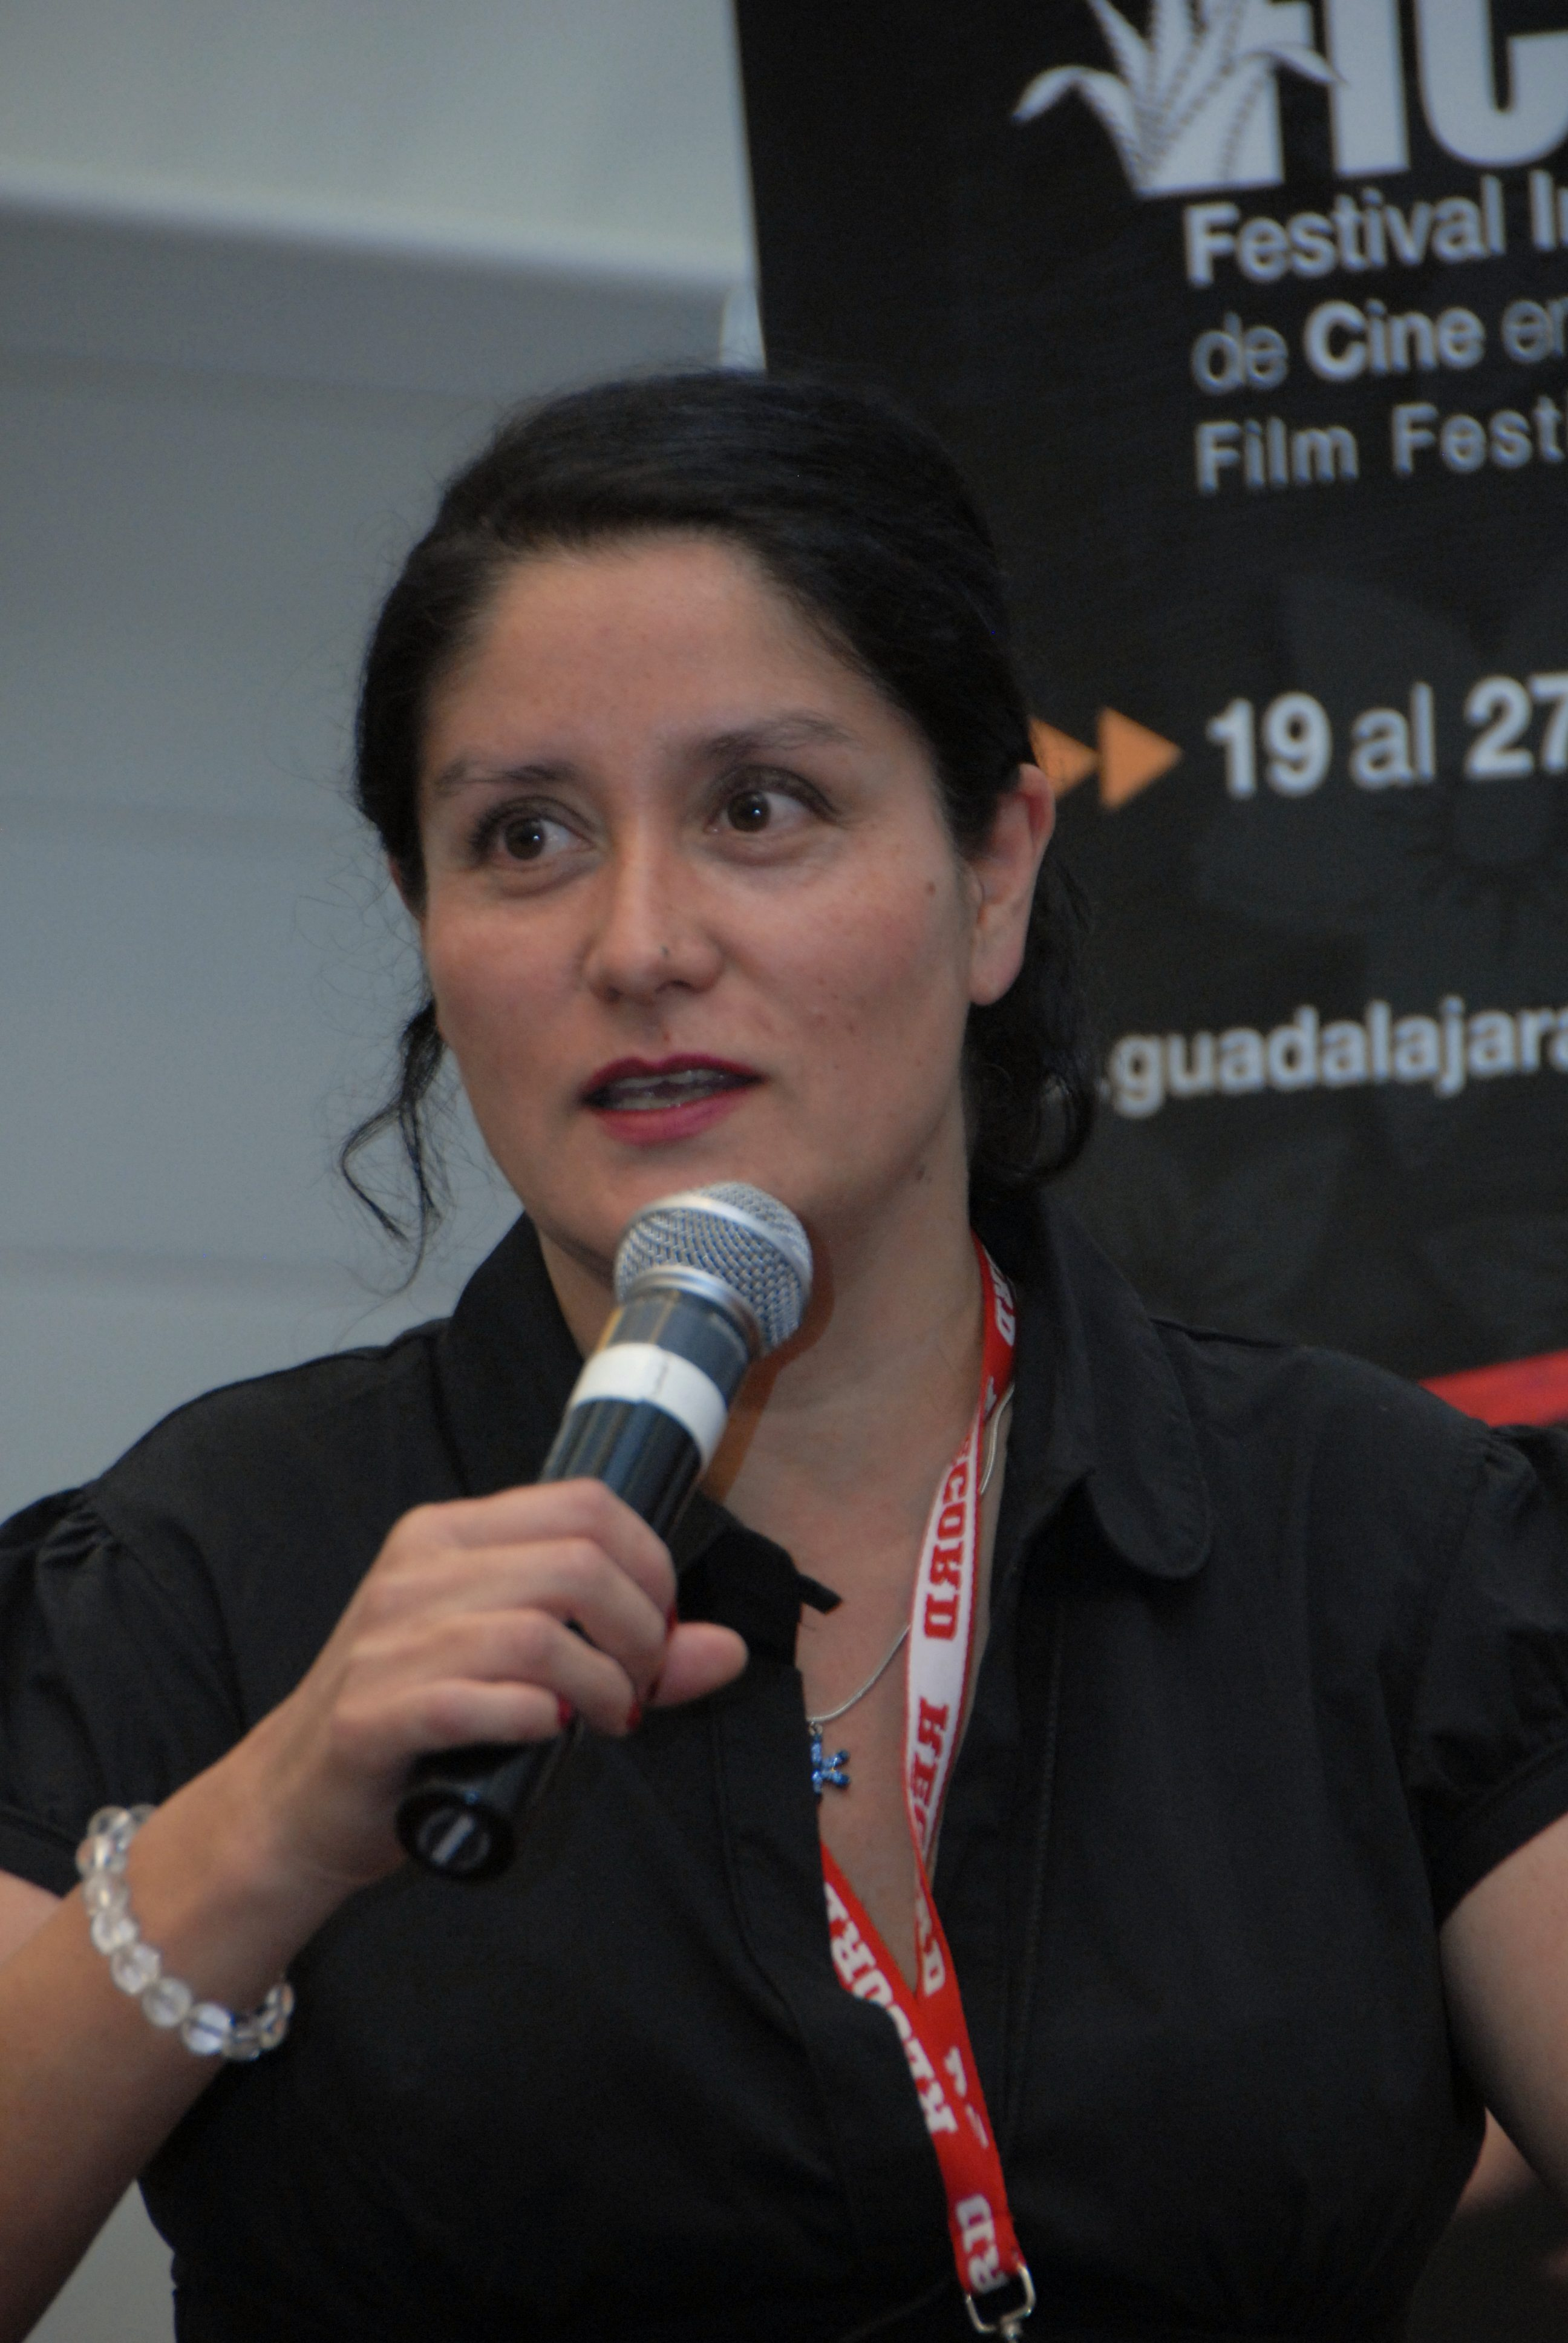 Catalina Saavedra Nude Photos 88